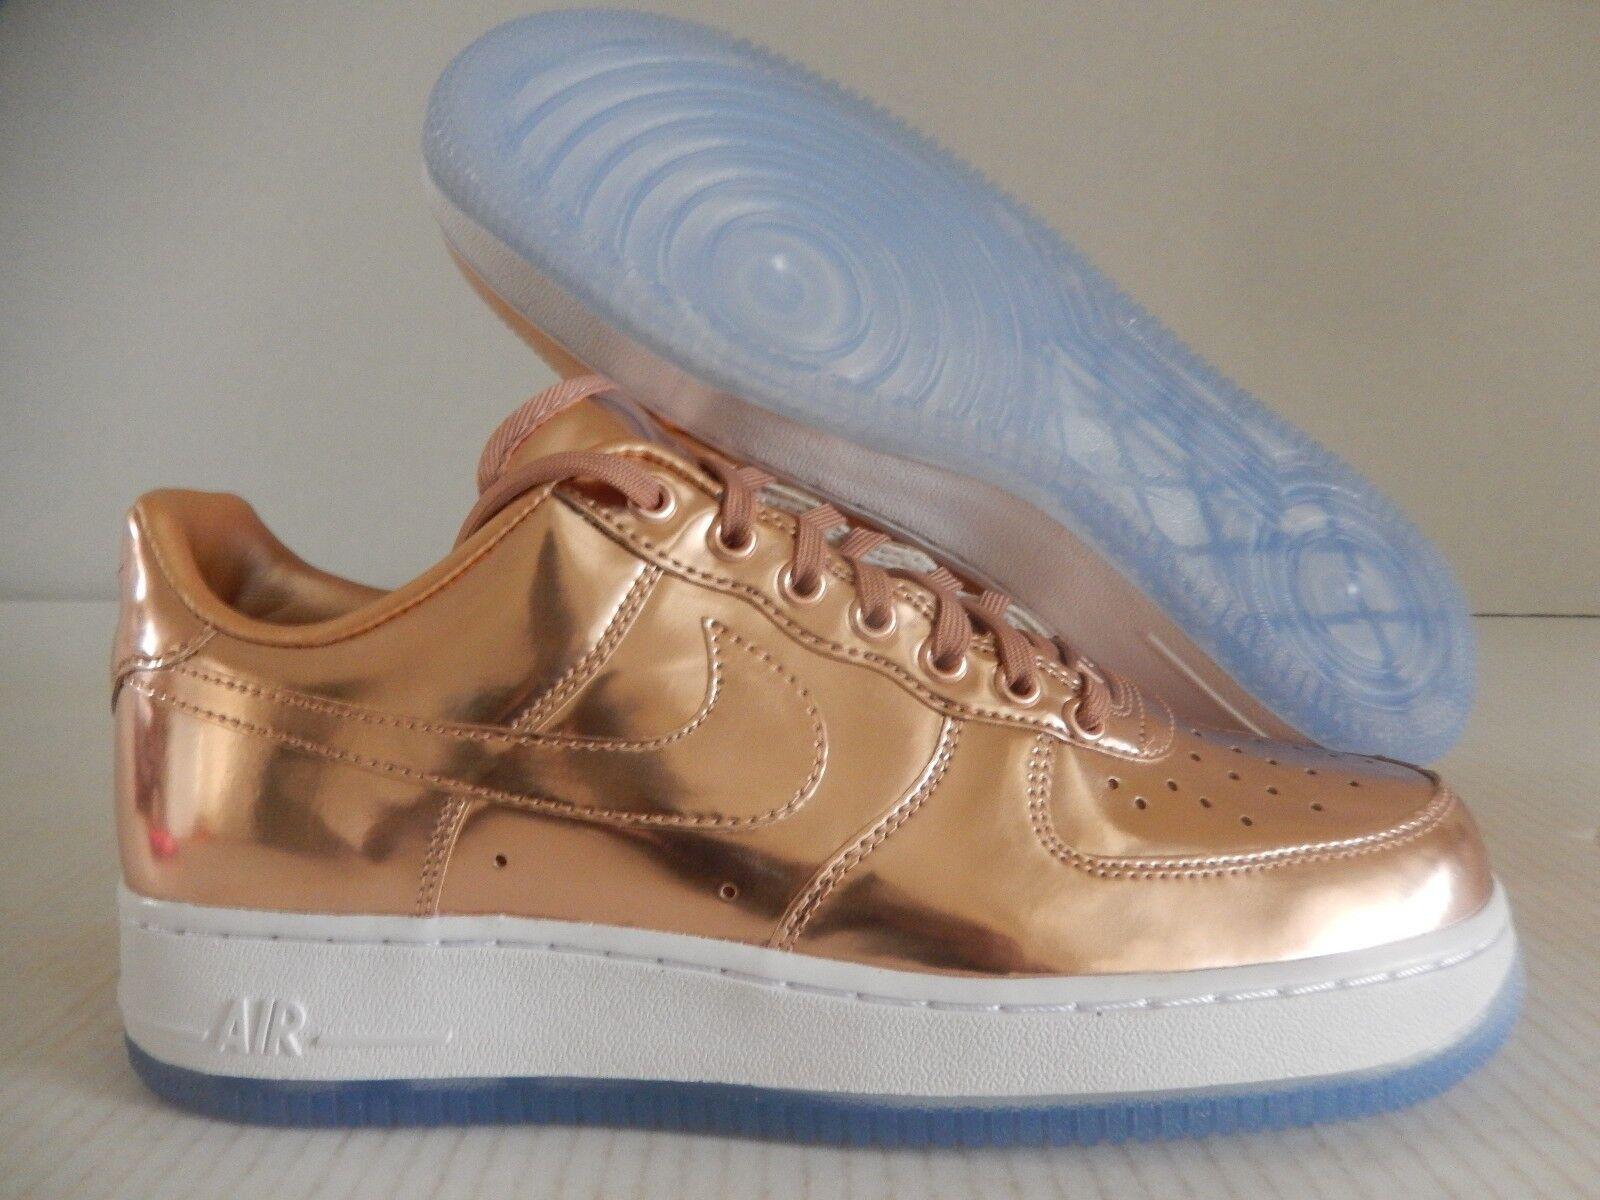 Mujeres Nike Air Force 1 bajas ID